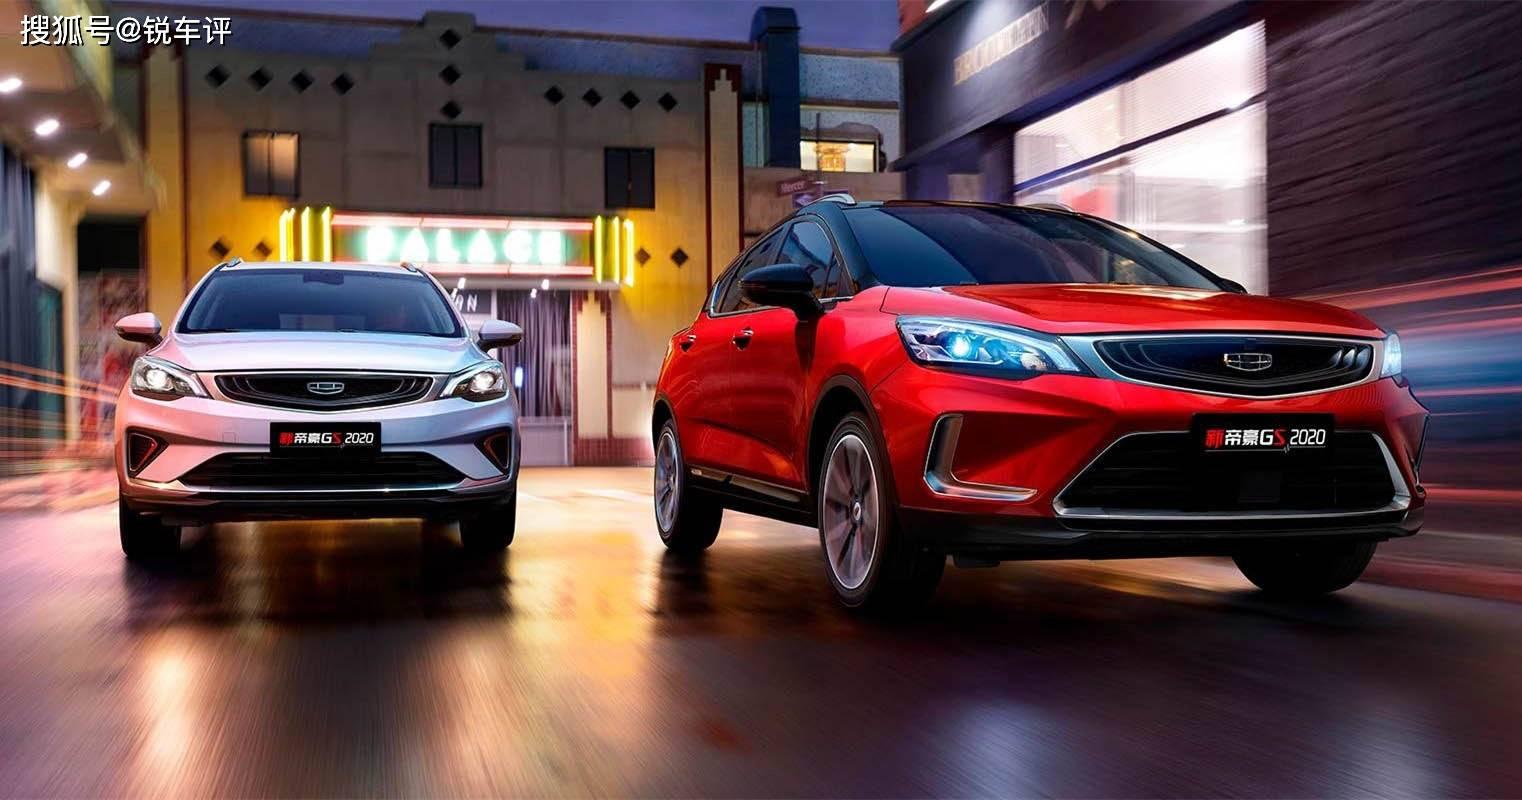 原创性强,作为跨界SUV,帝豪GS去年还是卖了9万辆